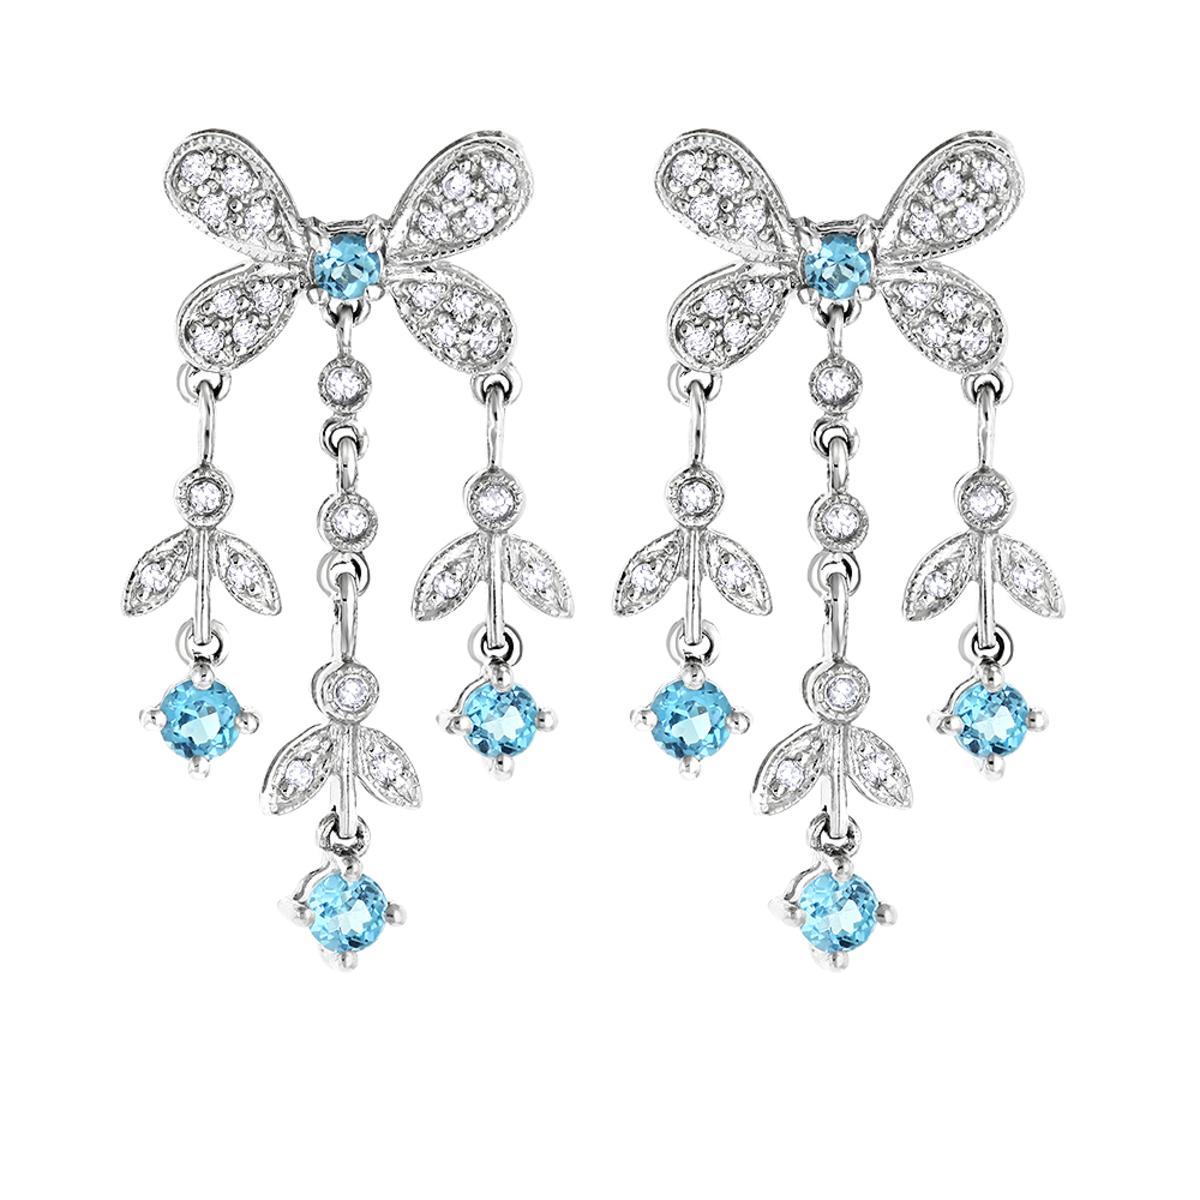 14K Diamond Chandelier Earrings Blue Topaz 0.37ct